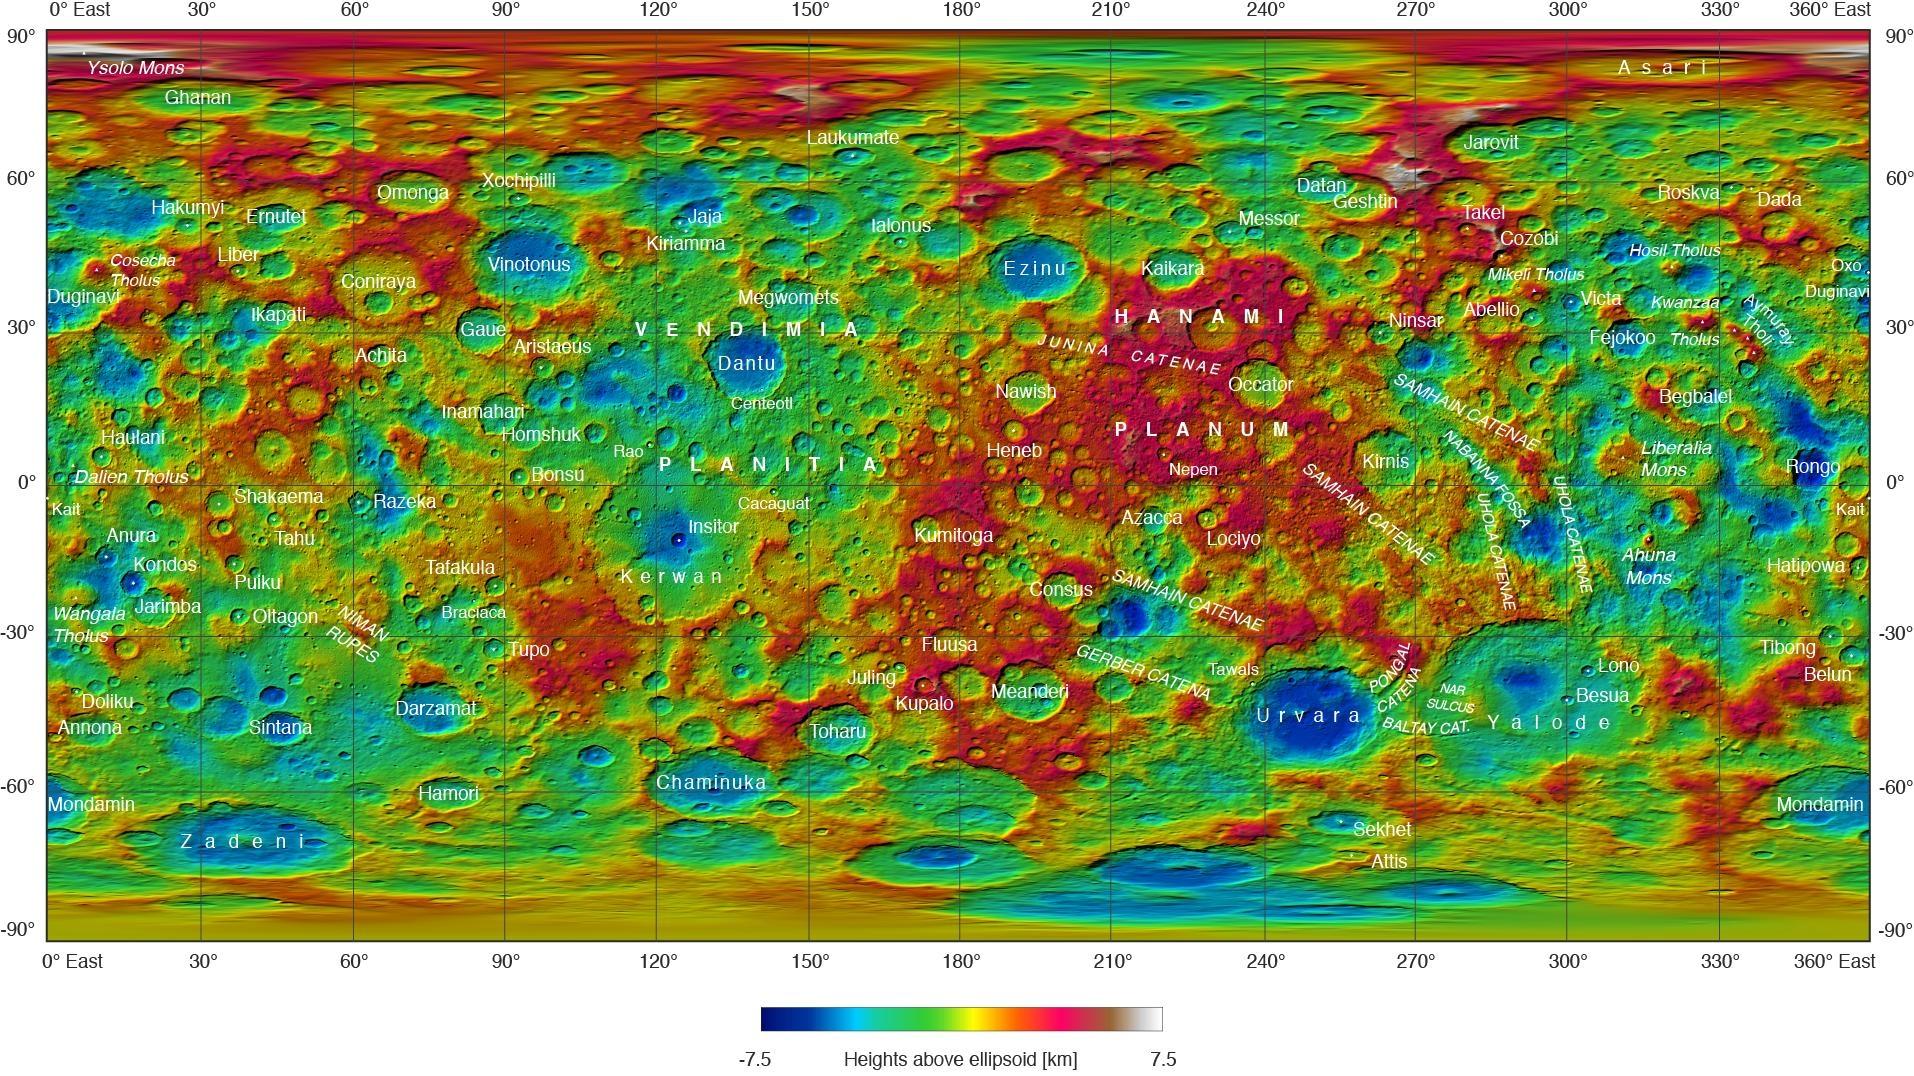 Topografische Karte von Ceres. (NASA / JPL-Caltech / UCLA / MPS / DLR / IDA)